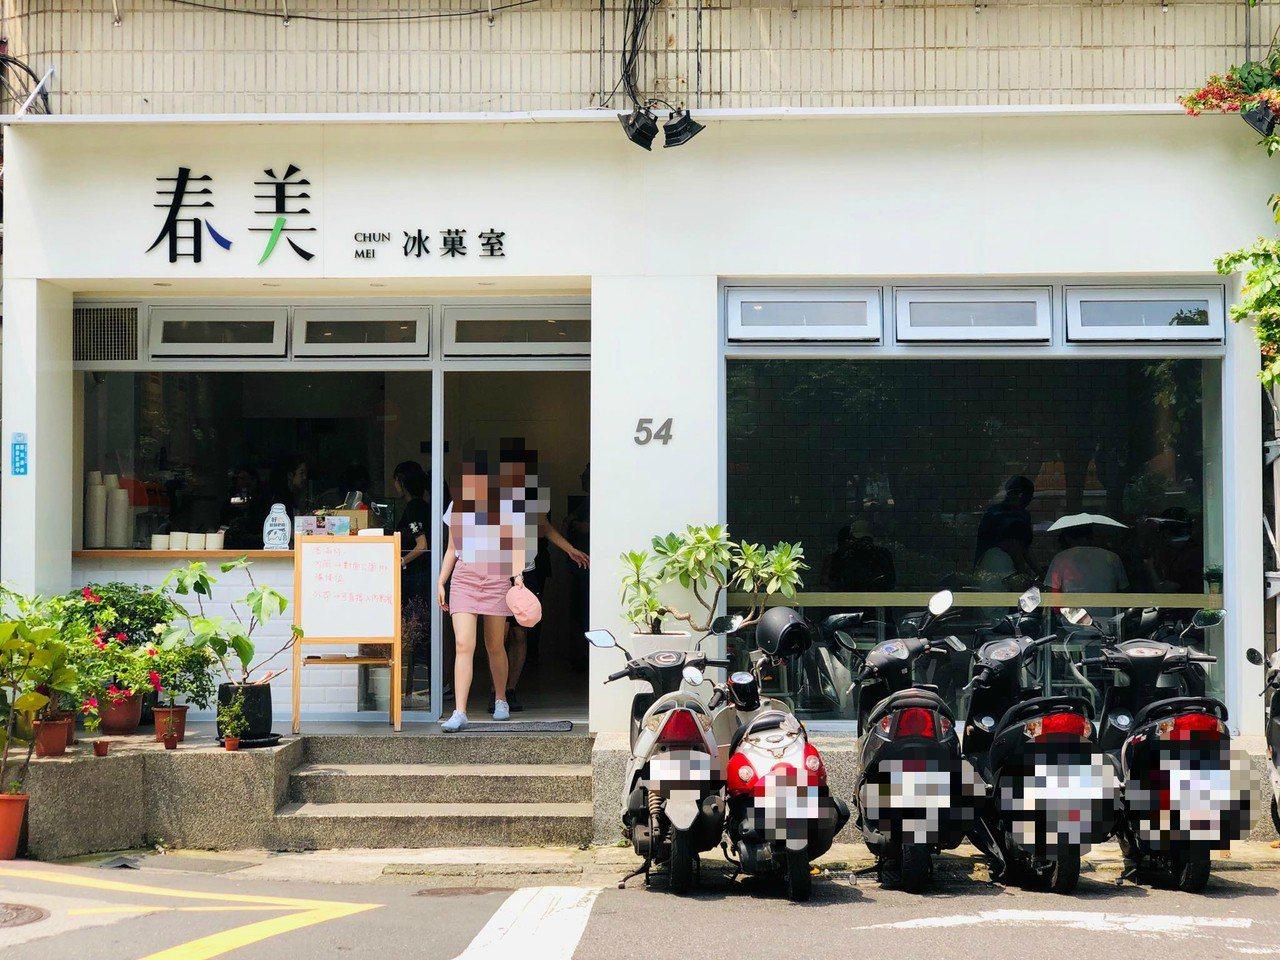 「春美冰菓室」白色店面顯眼好找。圖/春美冰菓室 提供